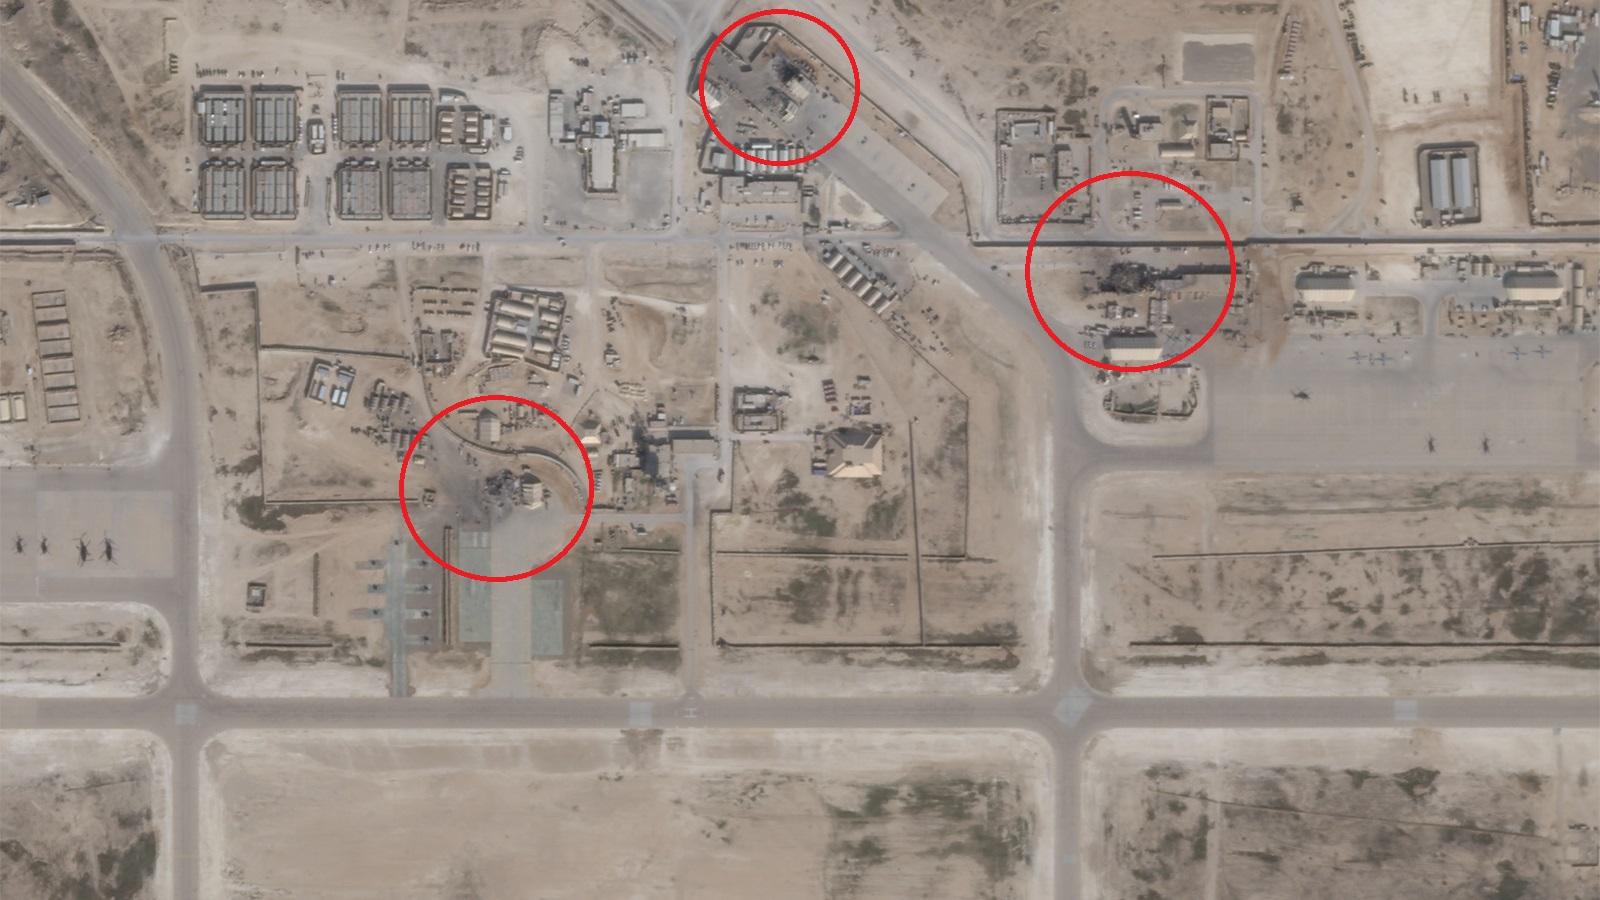 عاجل ايران تقصف قاعدتين في العراق يوجد بها جنود امريكيين واستنفار كبير في اسرائيل  - صفحة 3 C35b0d27-7331-456f-82c3-02746a8e2208